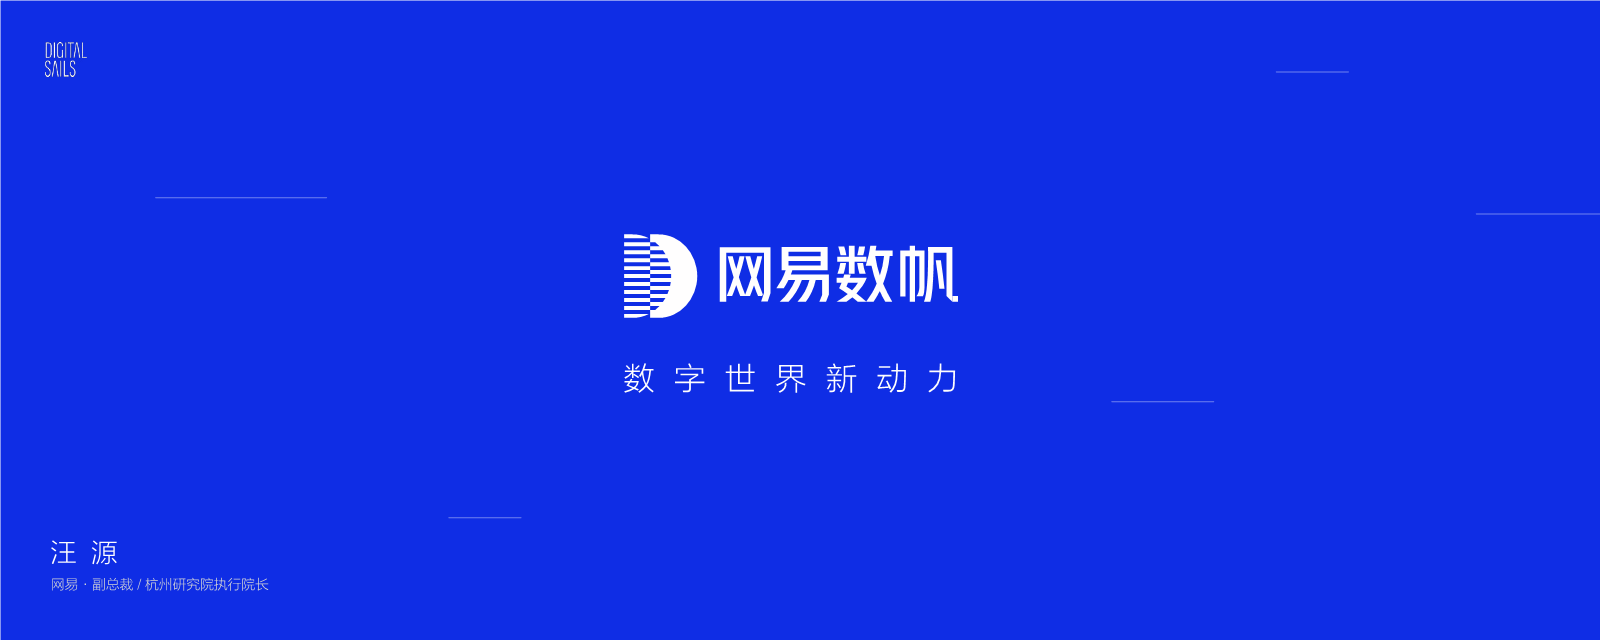 汪源-网易数帆品牌